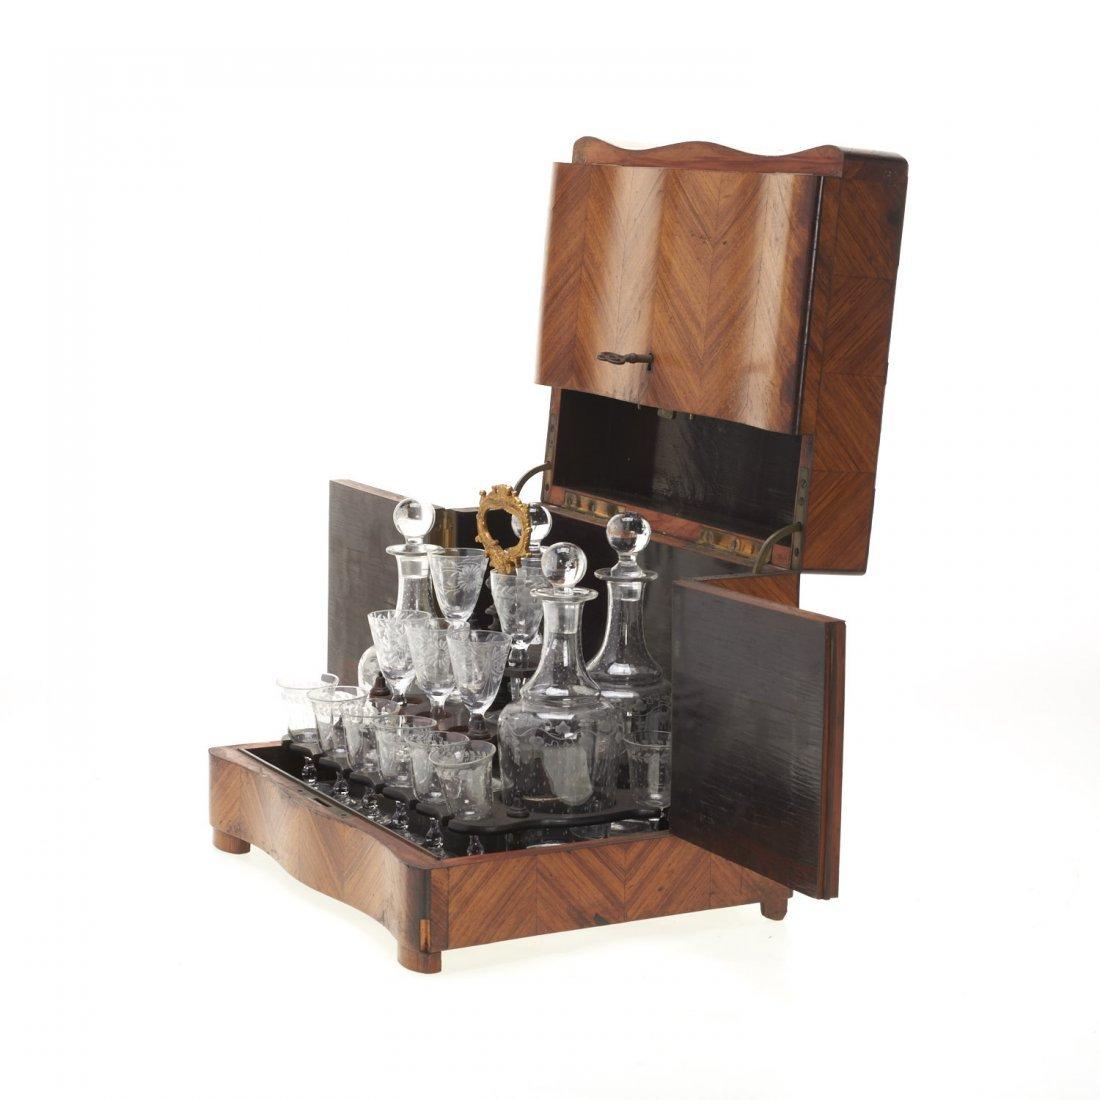 Napoleon III parquetry tantalus - 4